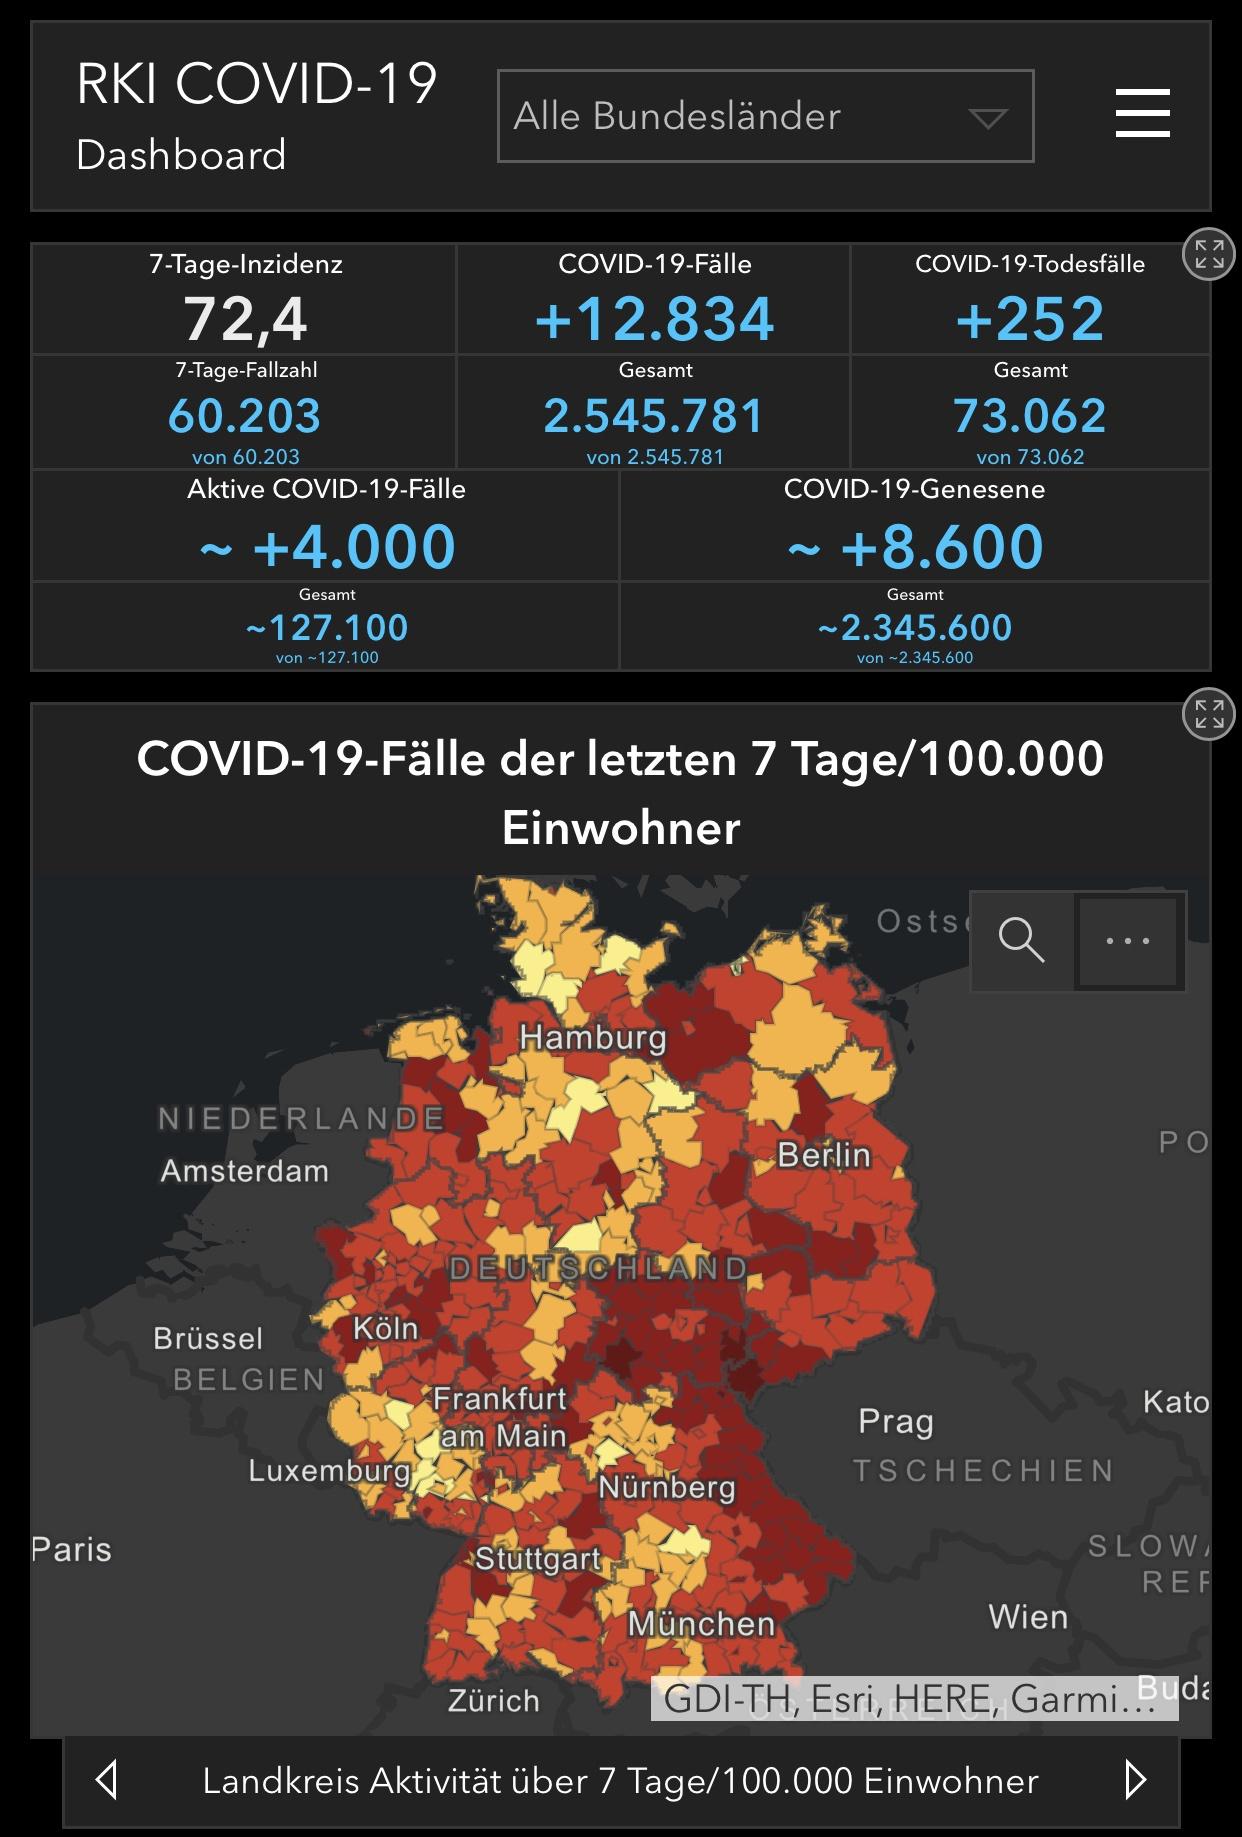 德国累计确诊新冠肺炎病例254万例 7天感染率回升